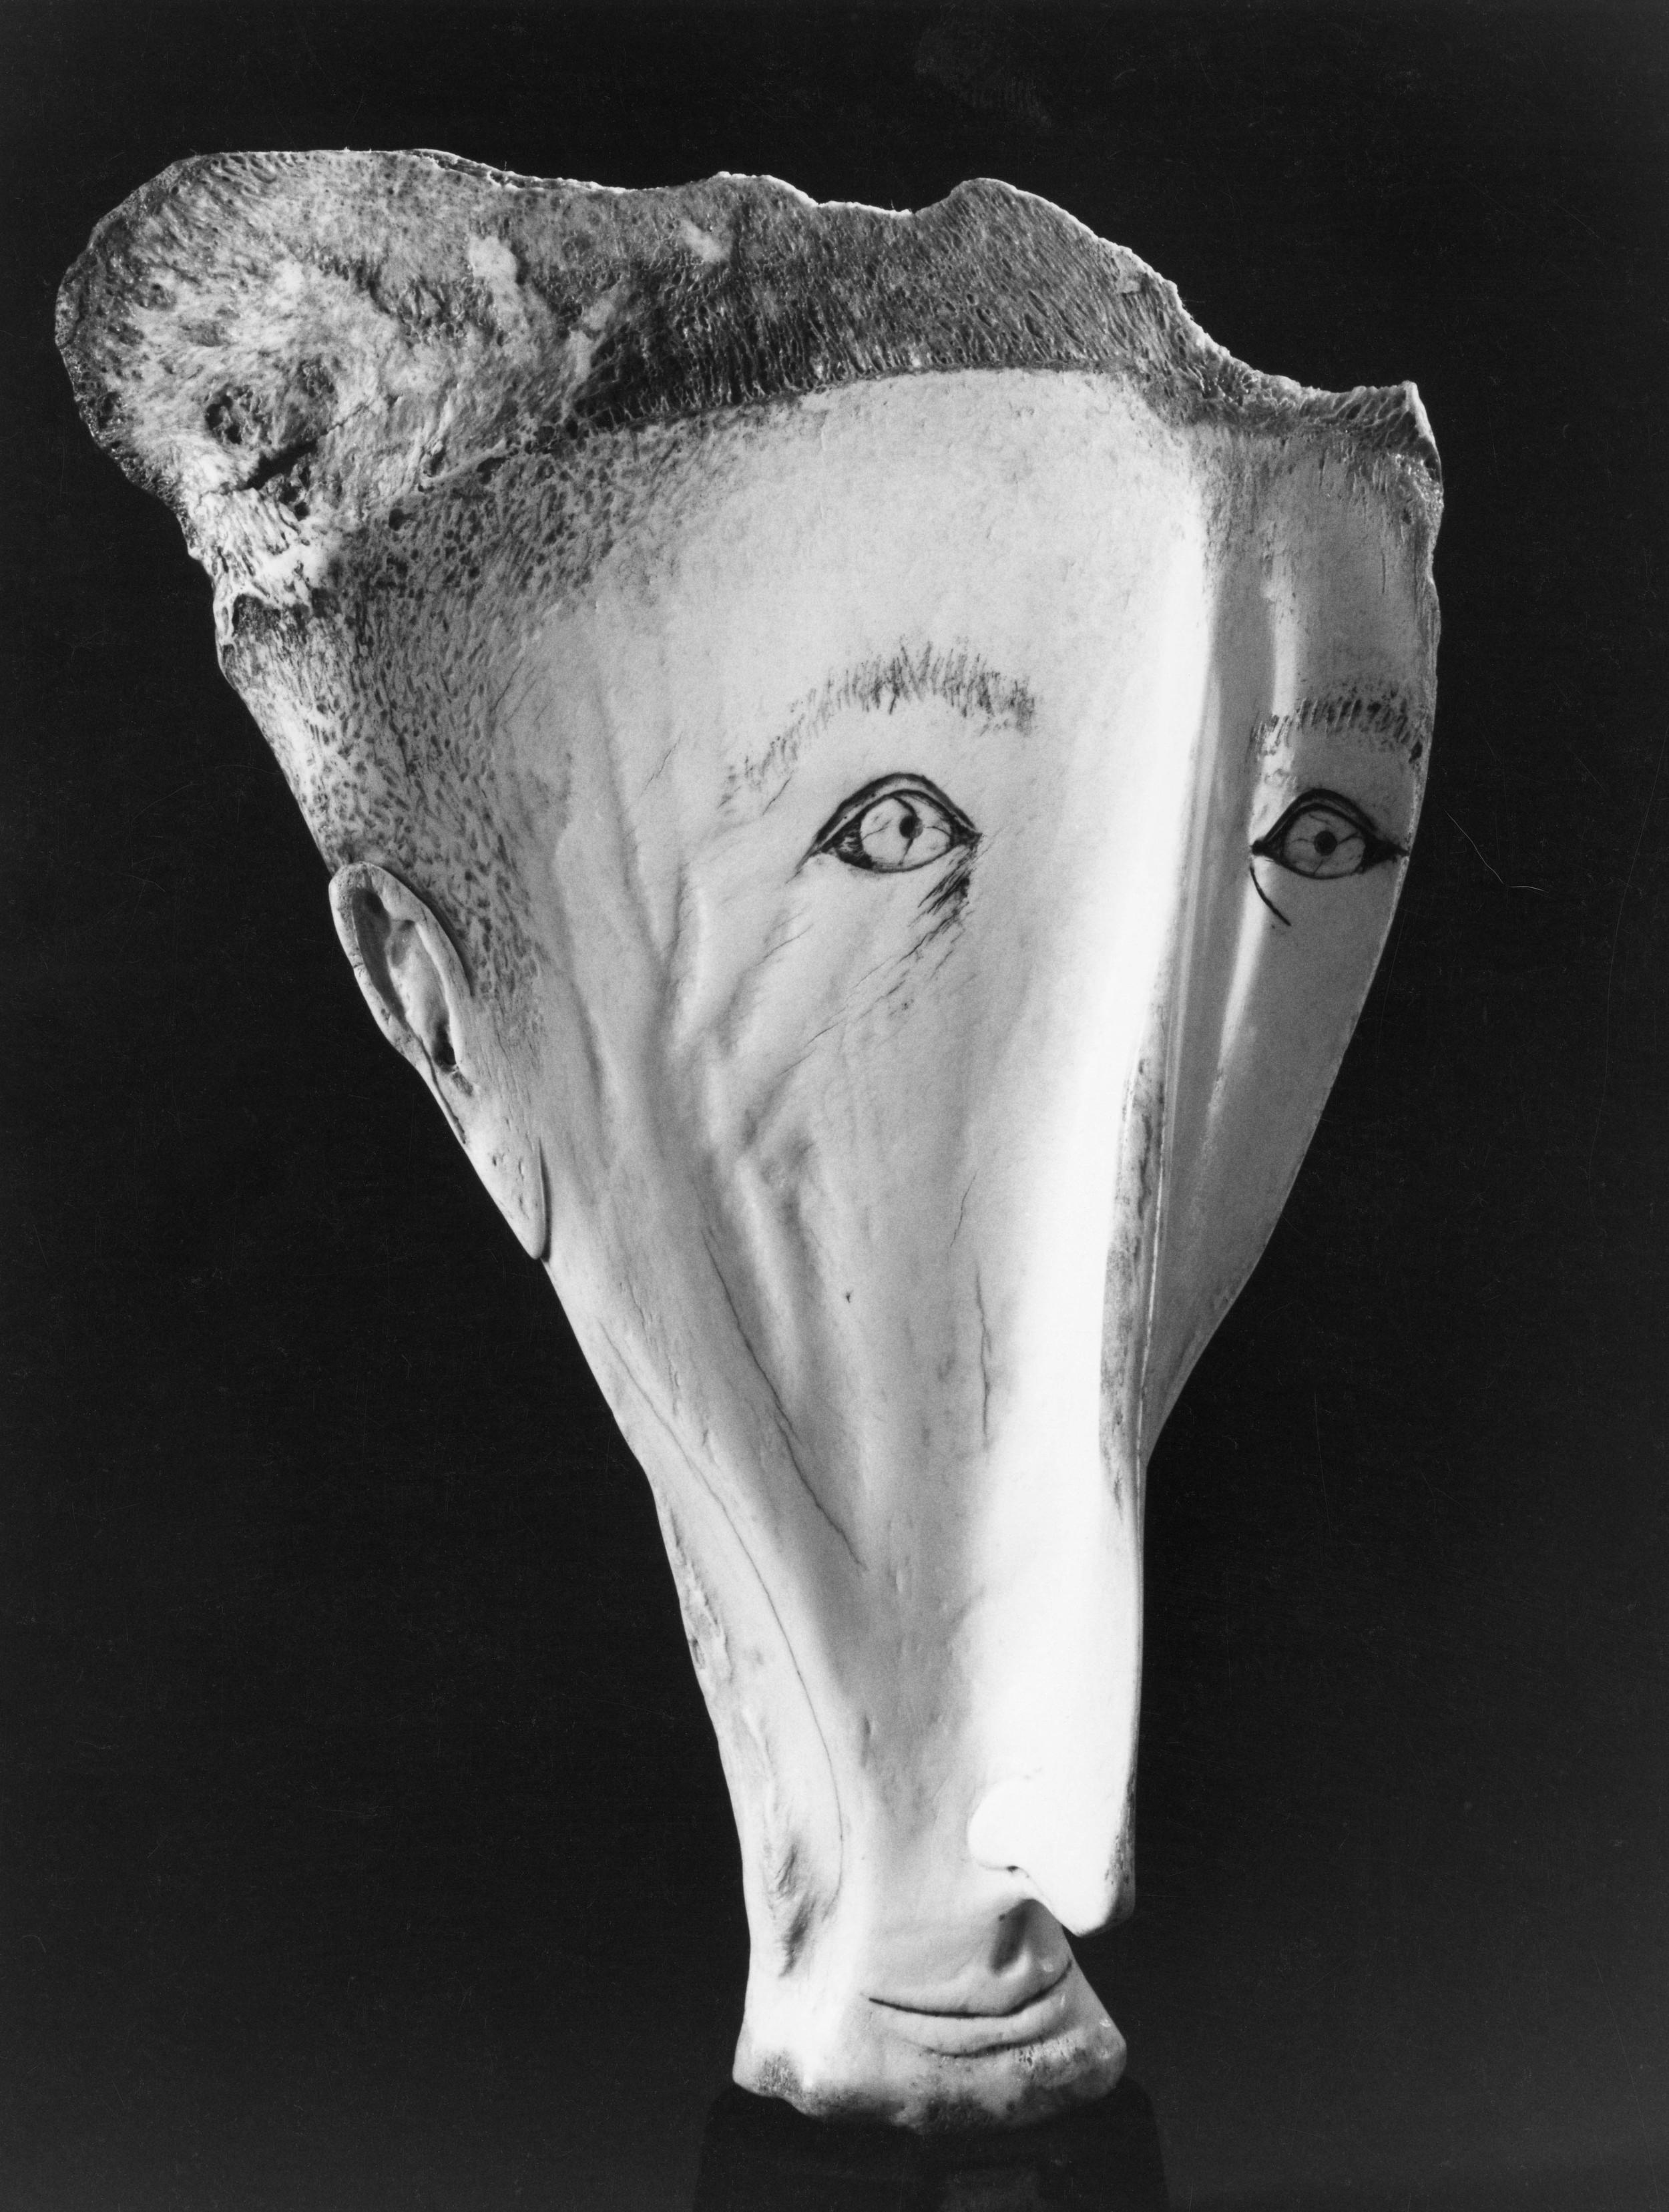 Portrait - Bone Sculpture by Jerry Hardin